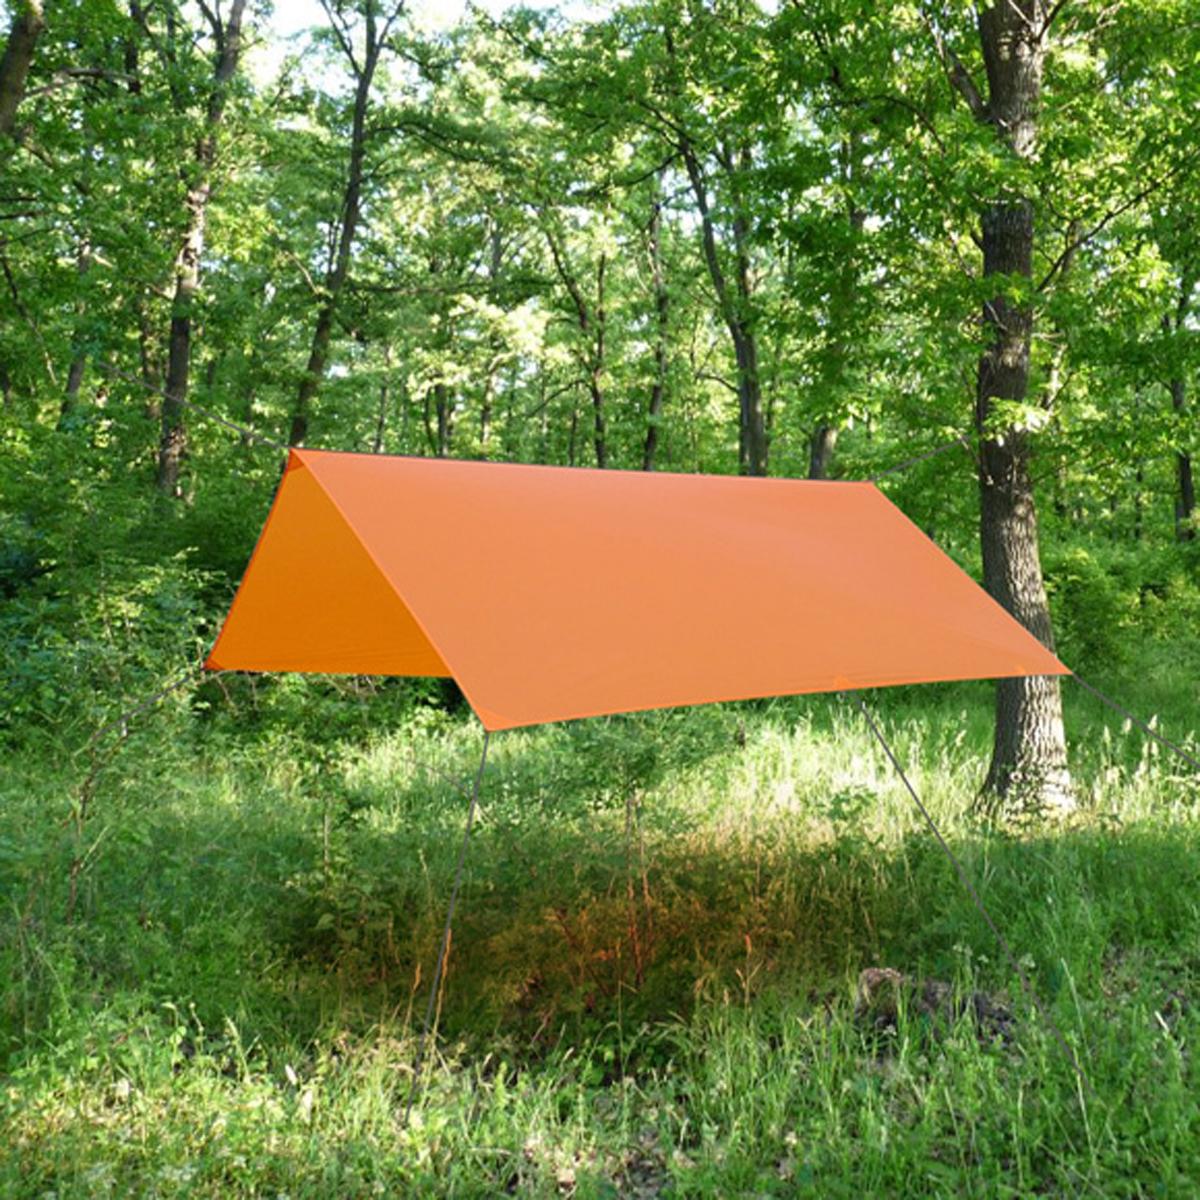 Тент Сплав Cowl, цвет: оранжевый, 2,7 x 3 м